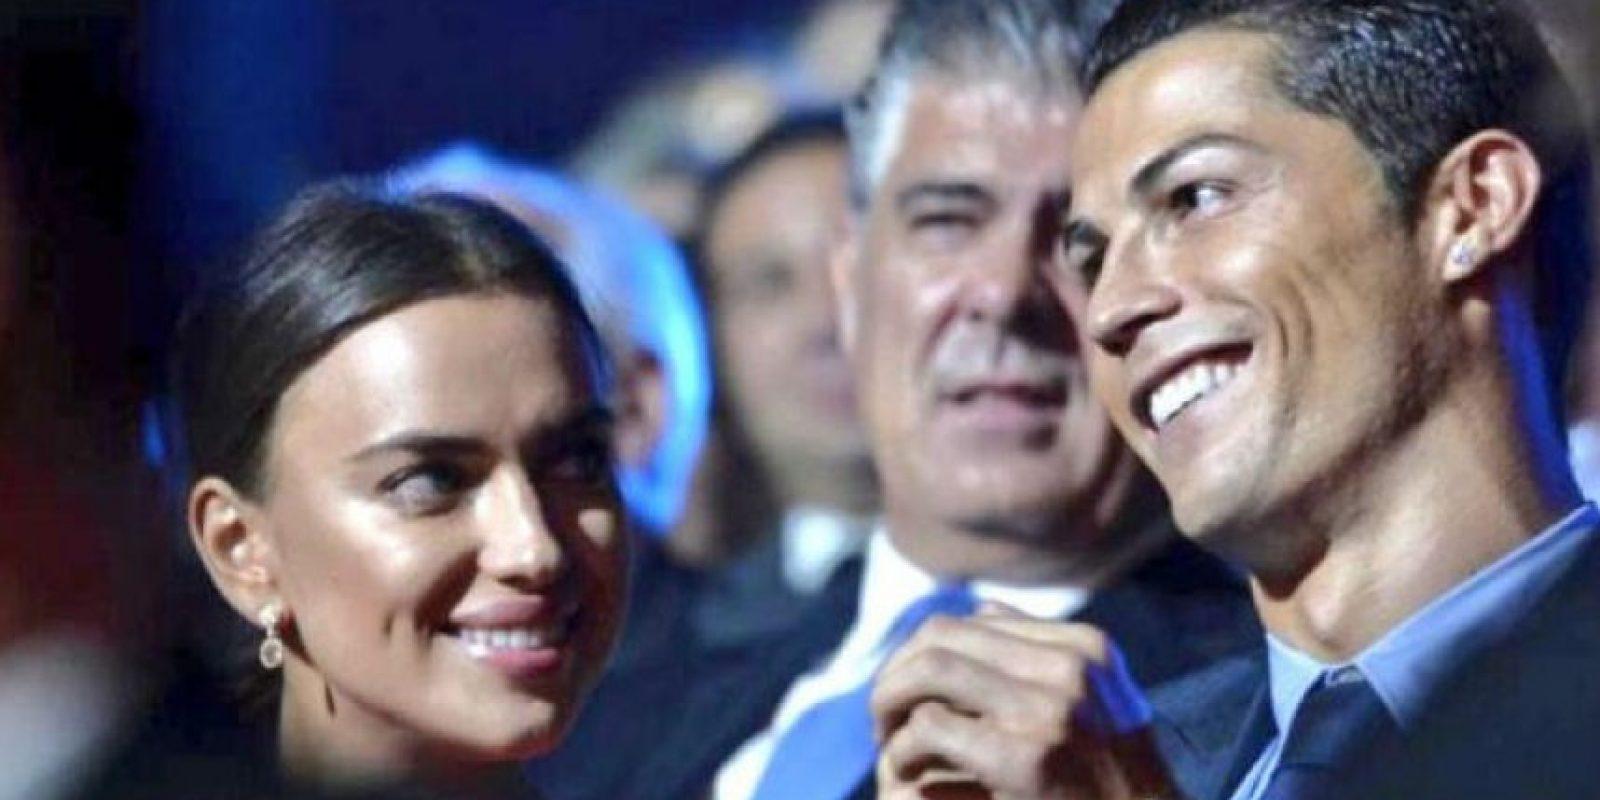 Antes de su separación, Irina y Cristiano disfrutaron en pareja. Foto:Twitter